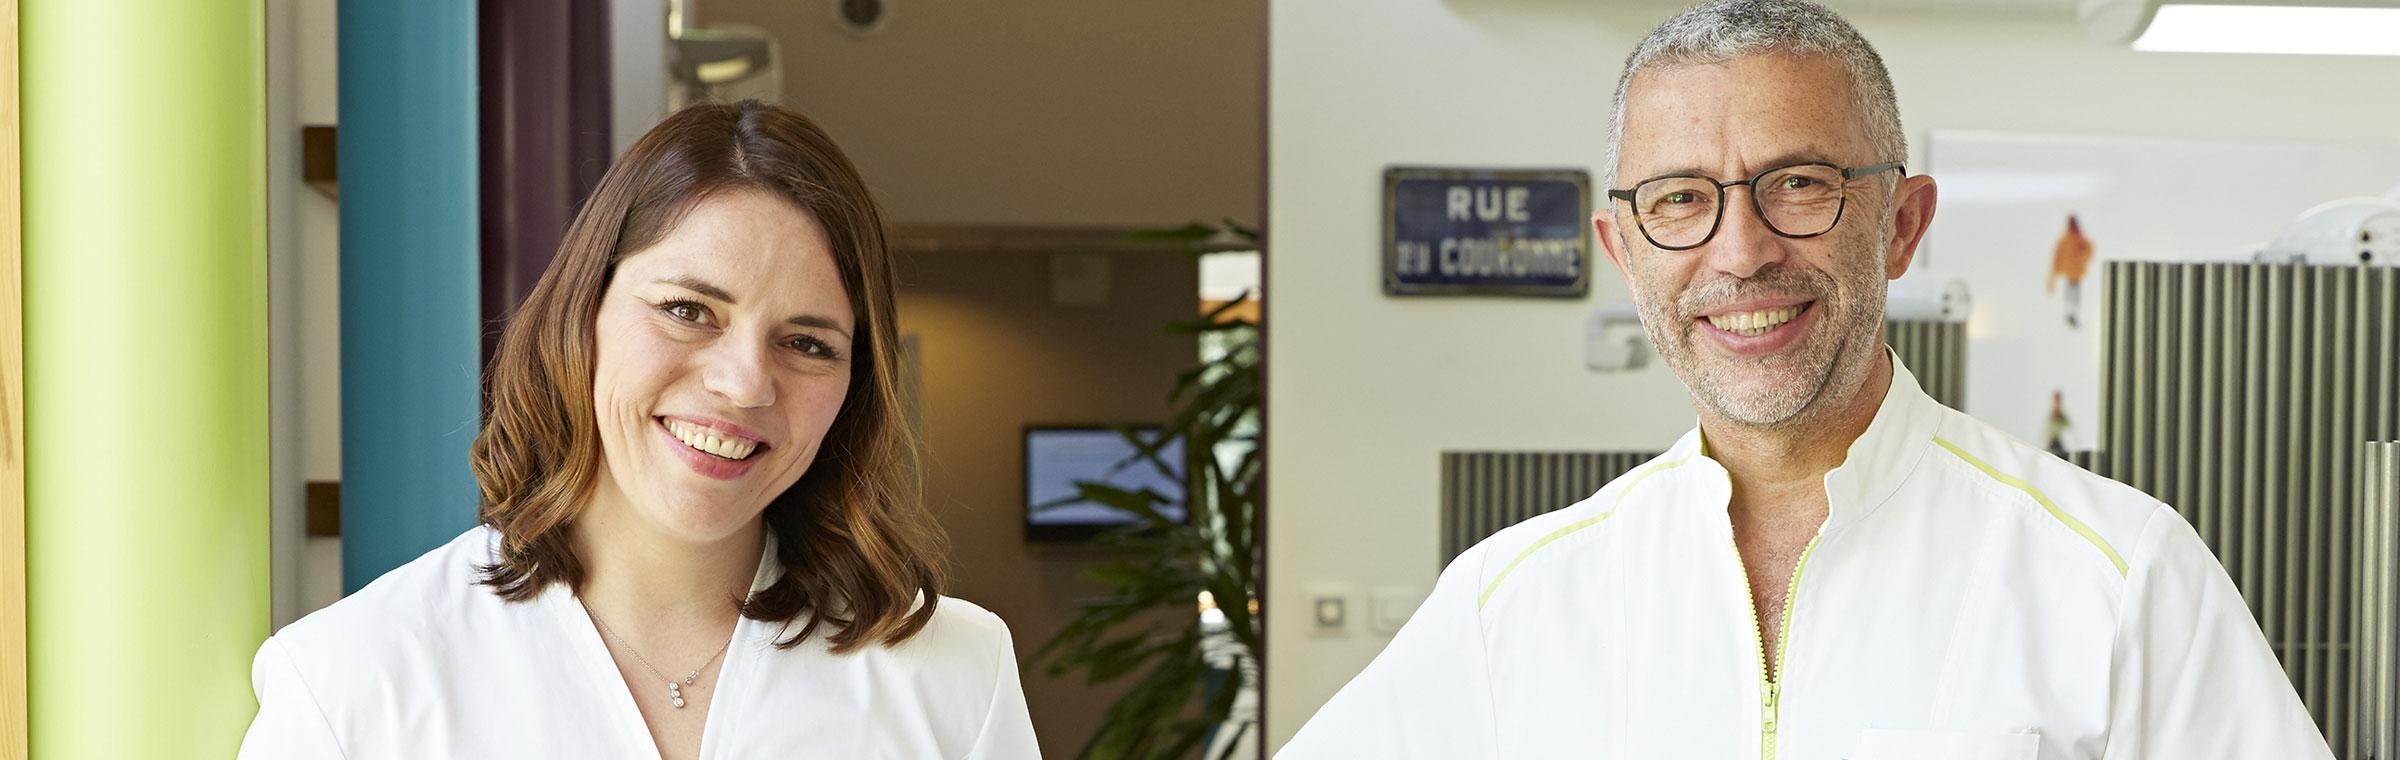 cabinet orthodontie chalon marianne gur et jean-françois vaillant